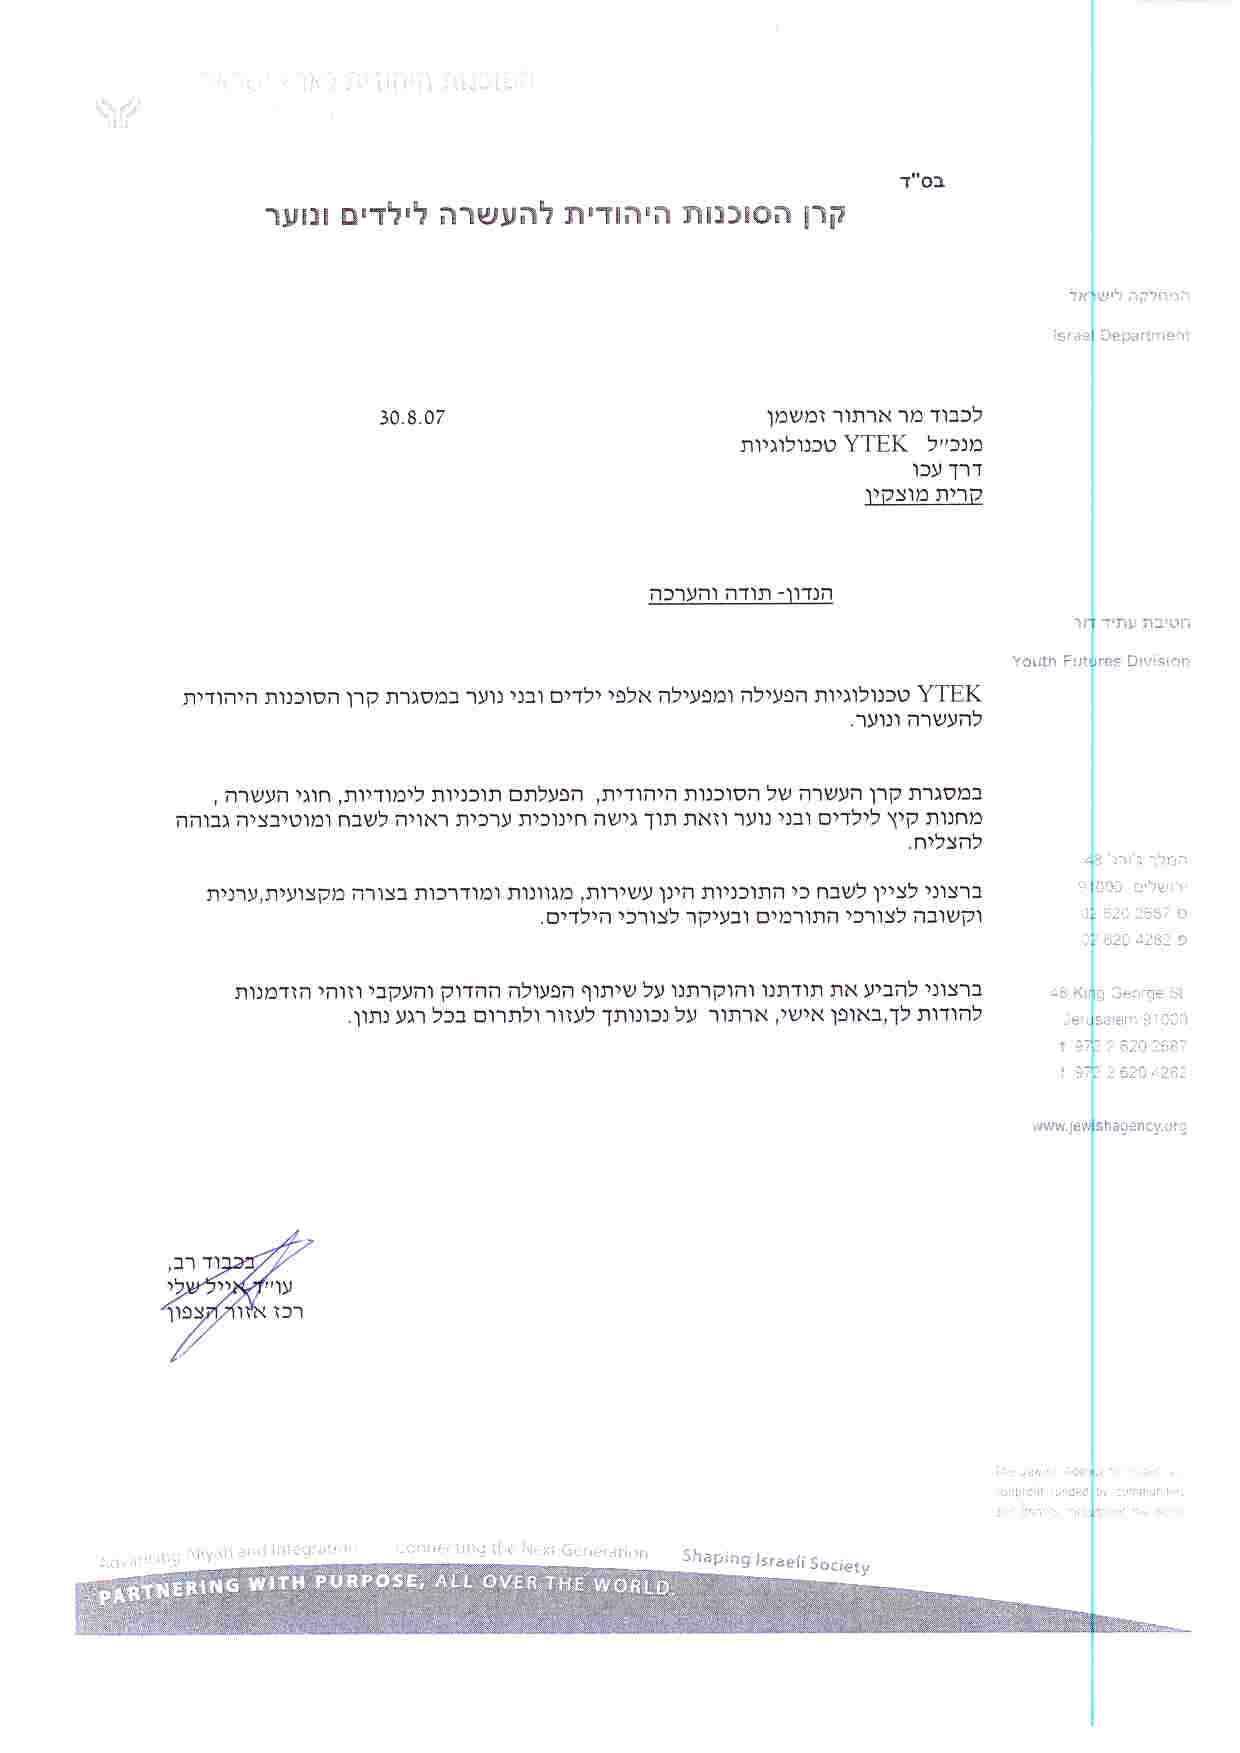 מכתב מקרן הסוכנות היהודית להעשרה לילדים ונוער 2007